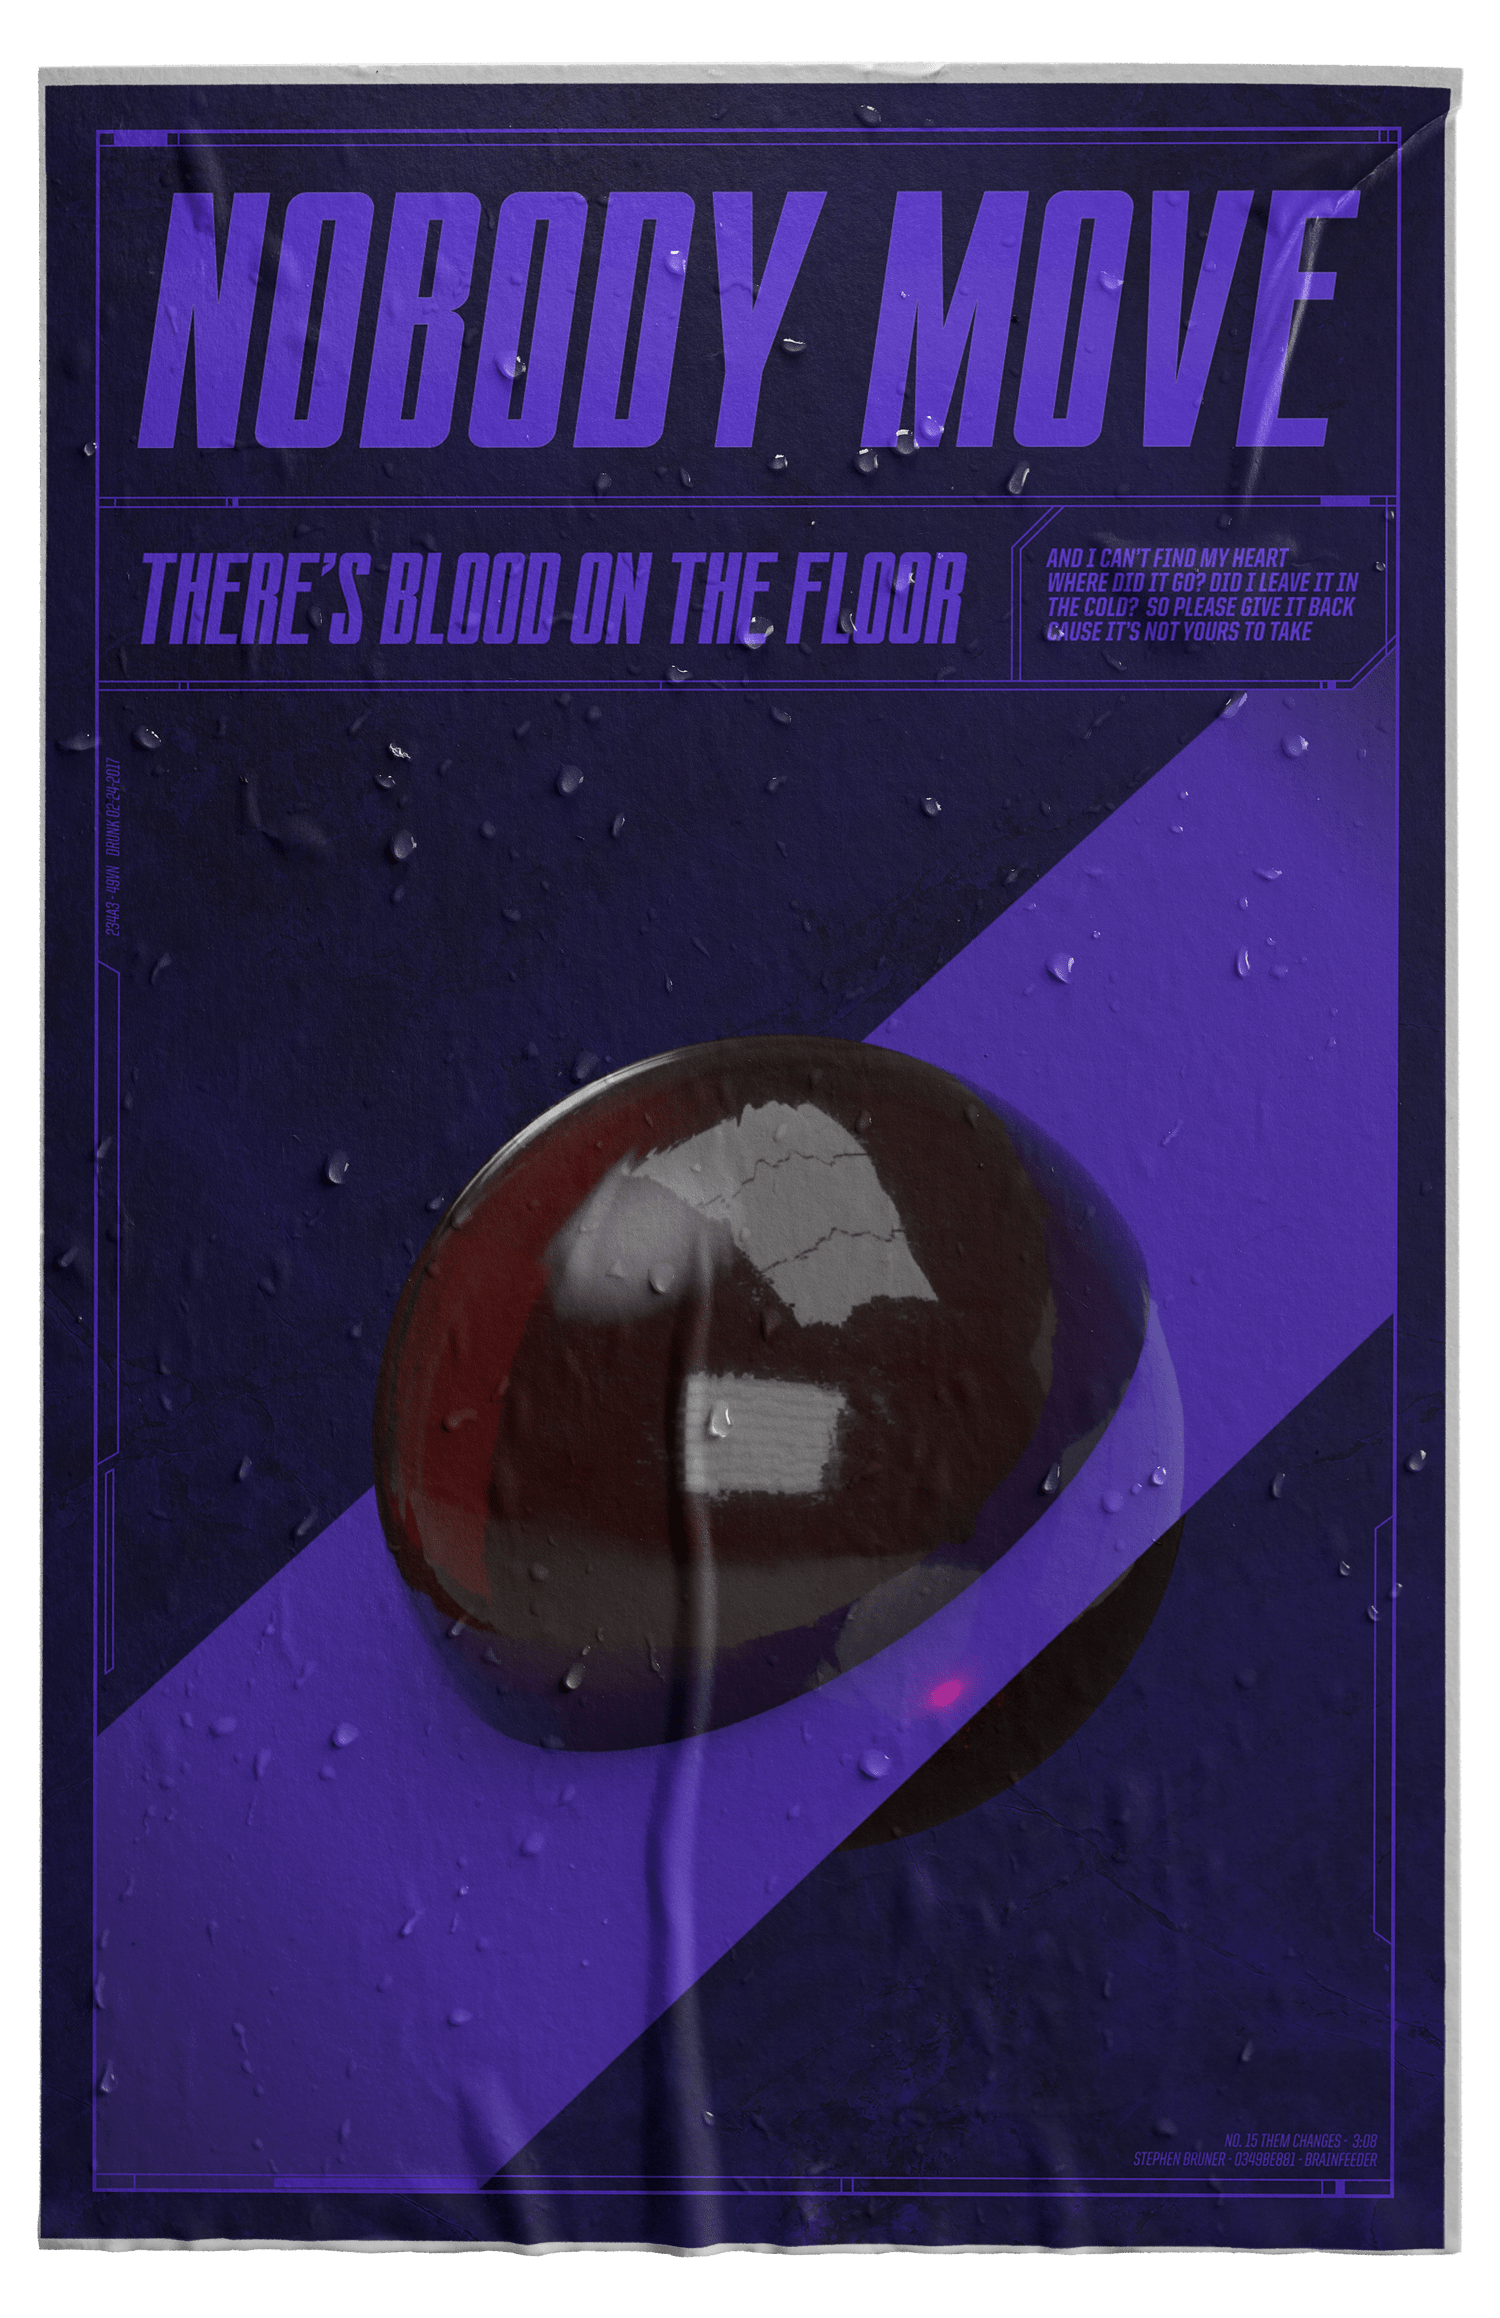 Blood-on-the-floor-min